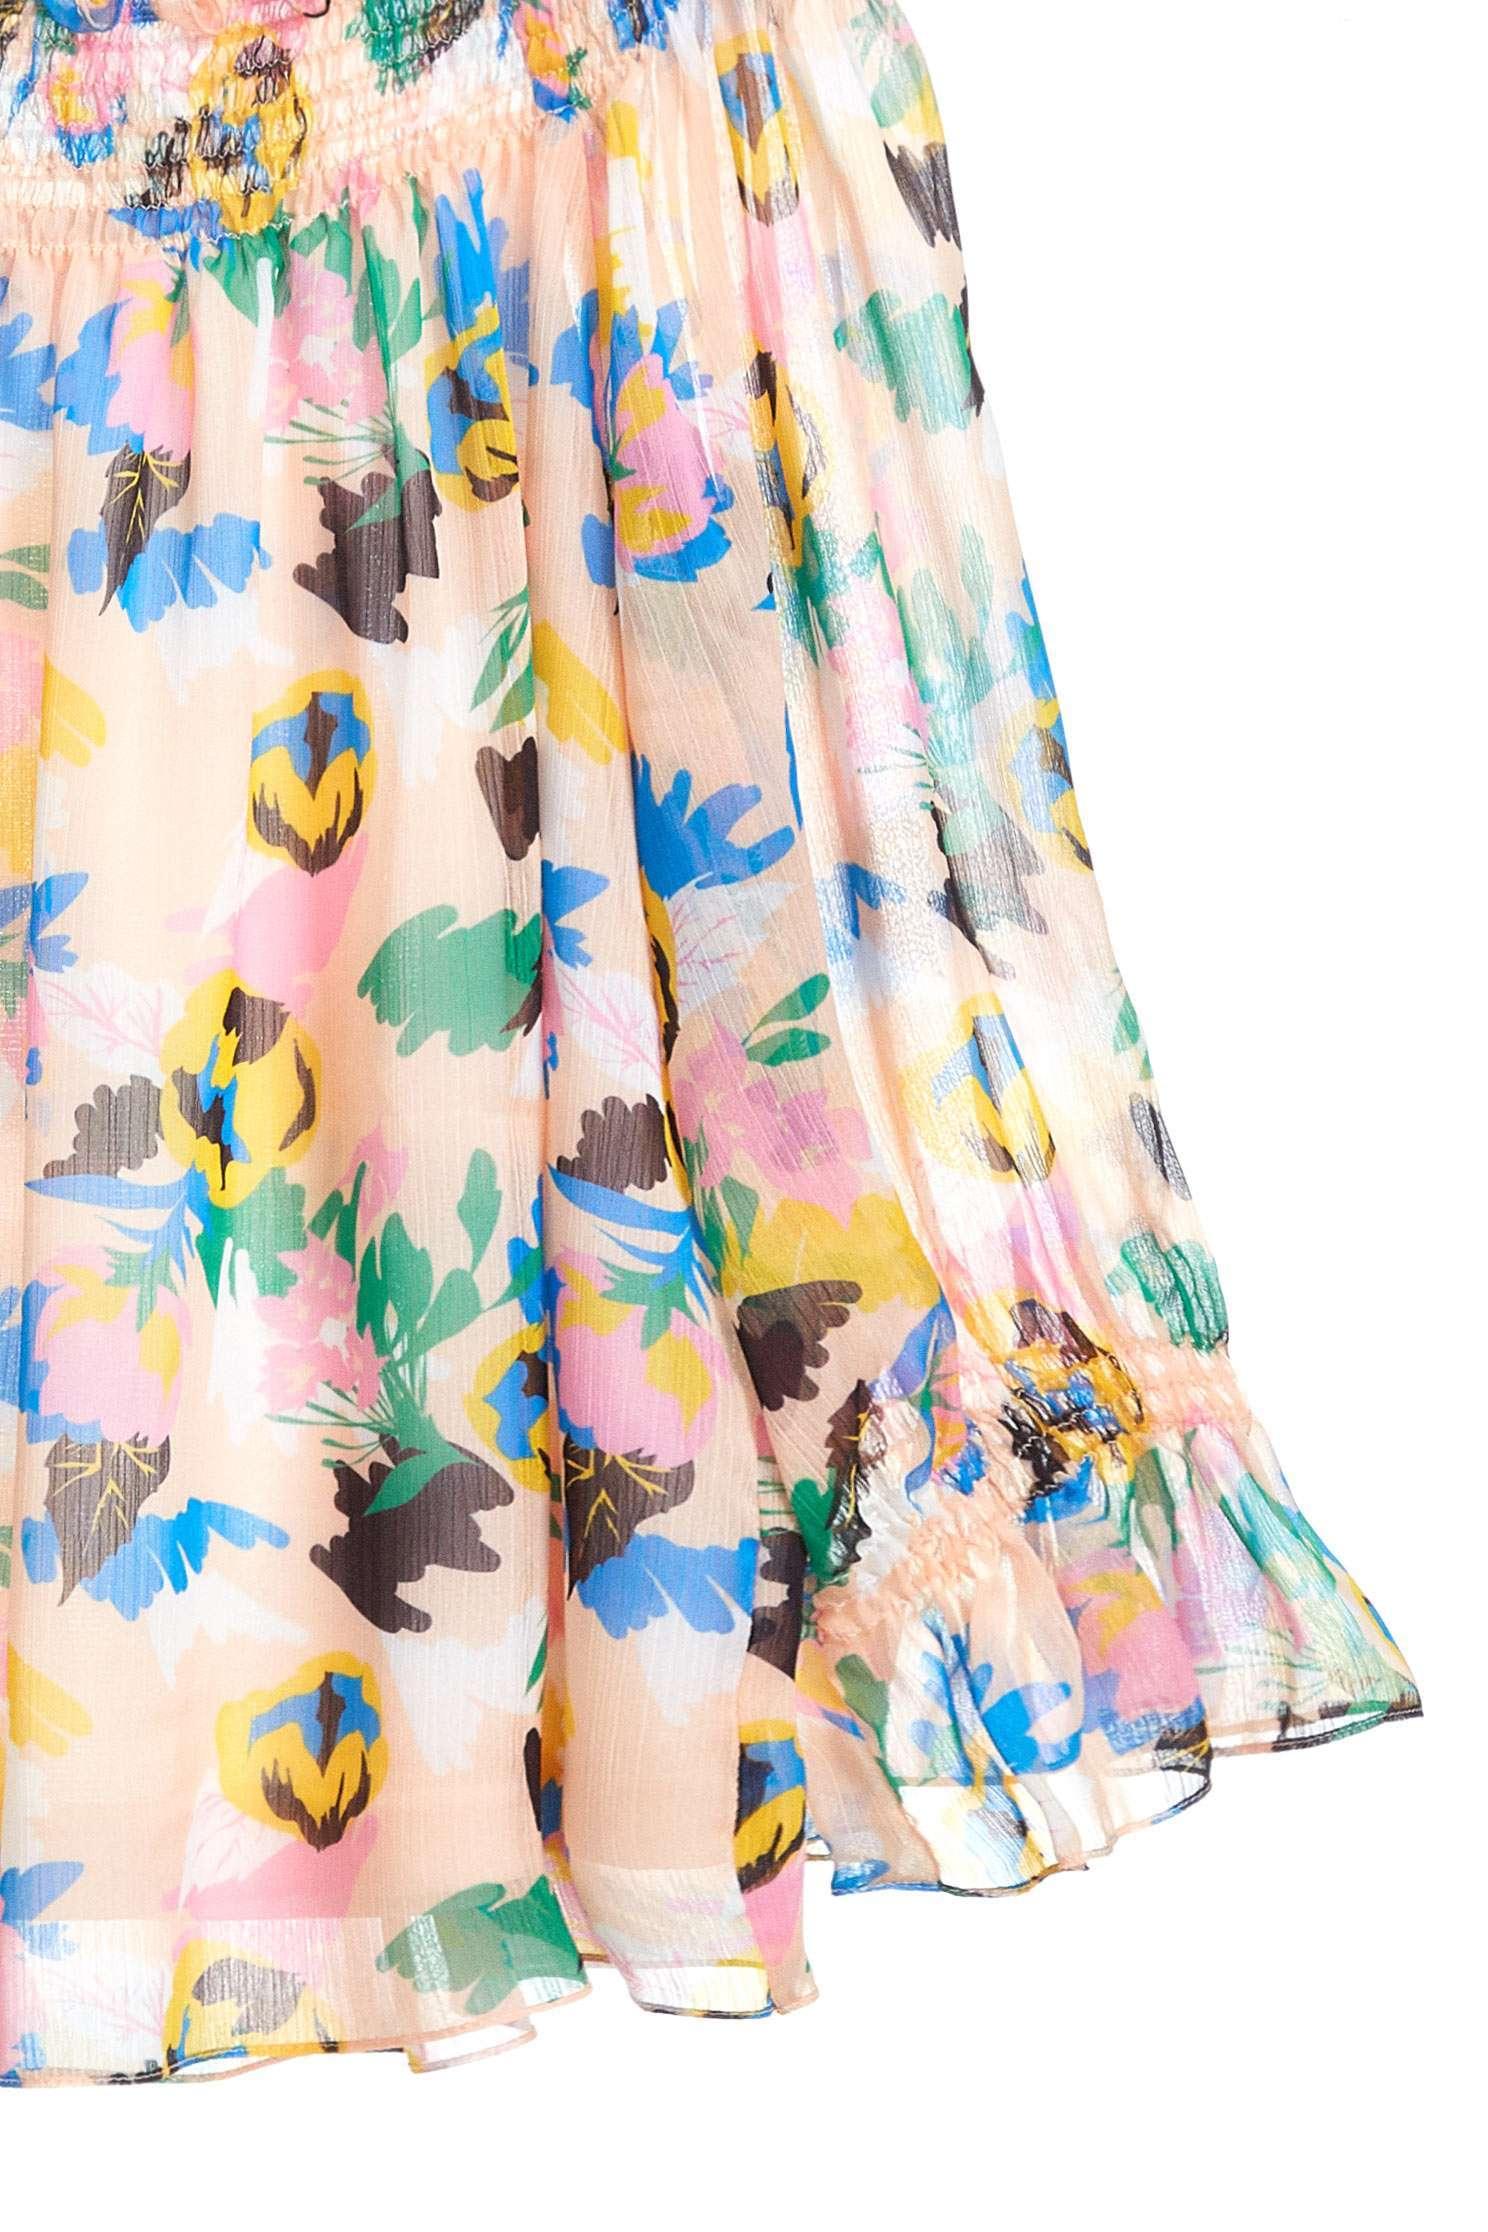 Floral chiffon long sleeve top,offshouldertop,3/4sleevetop,top,offshouldertop,i-select,longsleevetop,chiffon,chiffontop